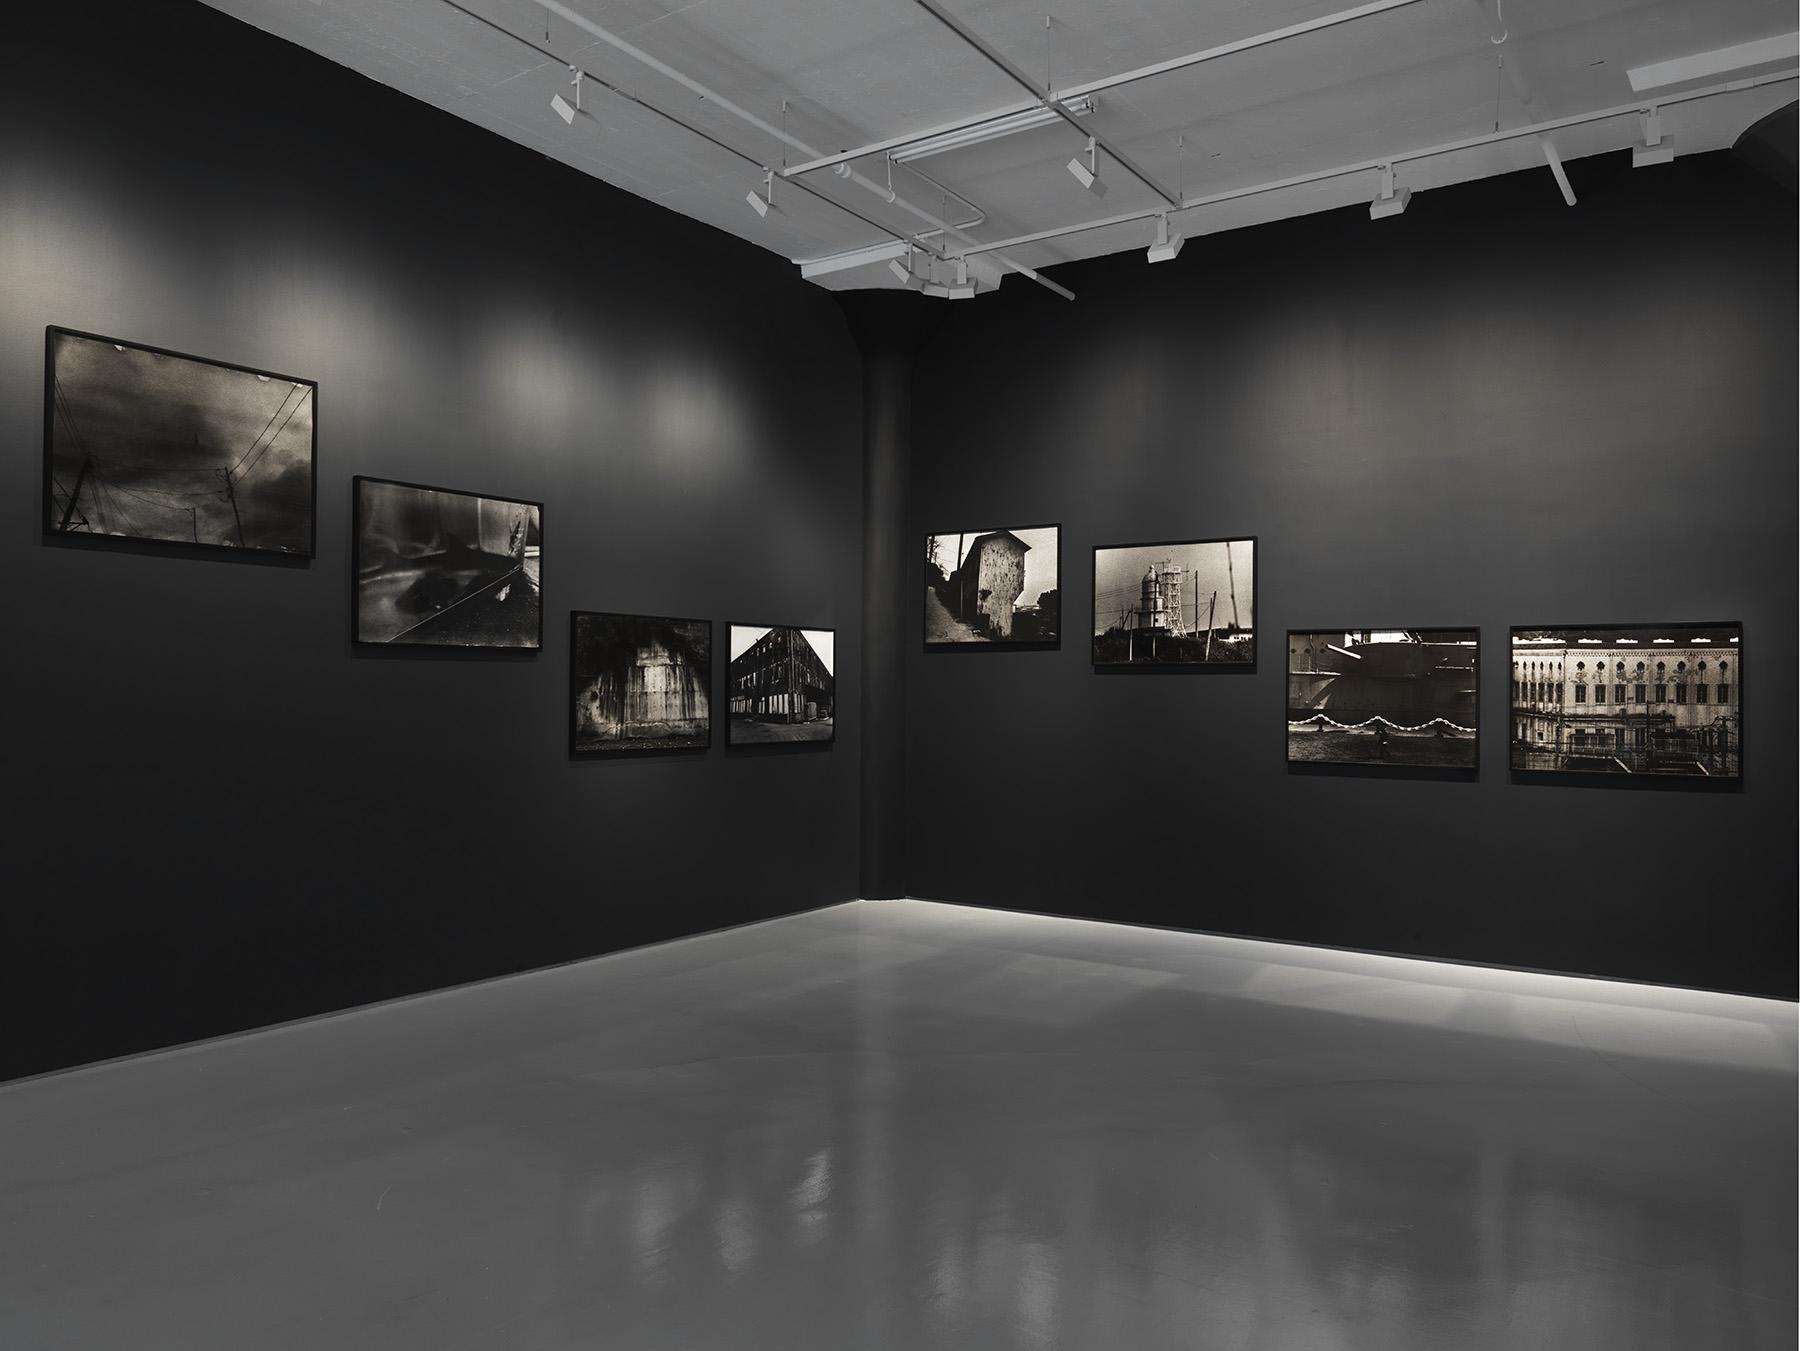 Photograph 2 from Ishiuchi Miyako exhibition.